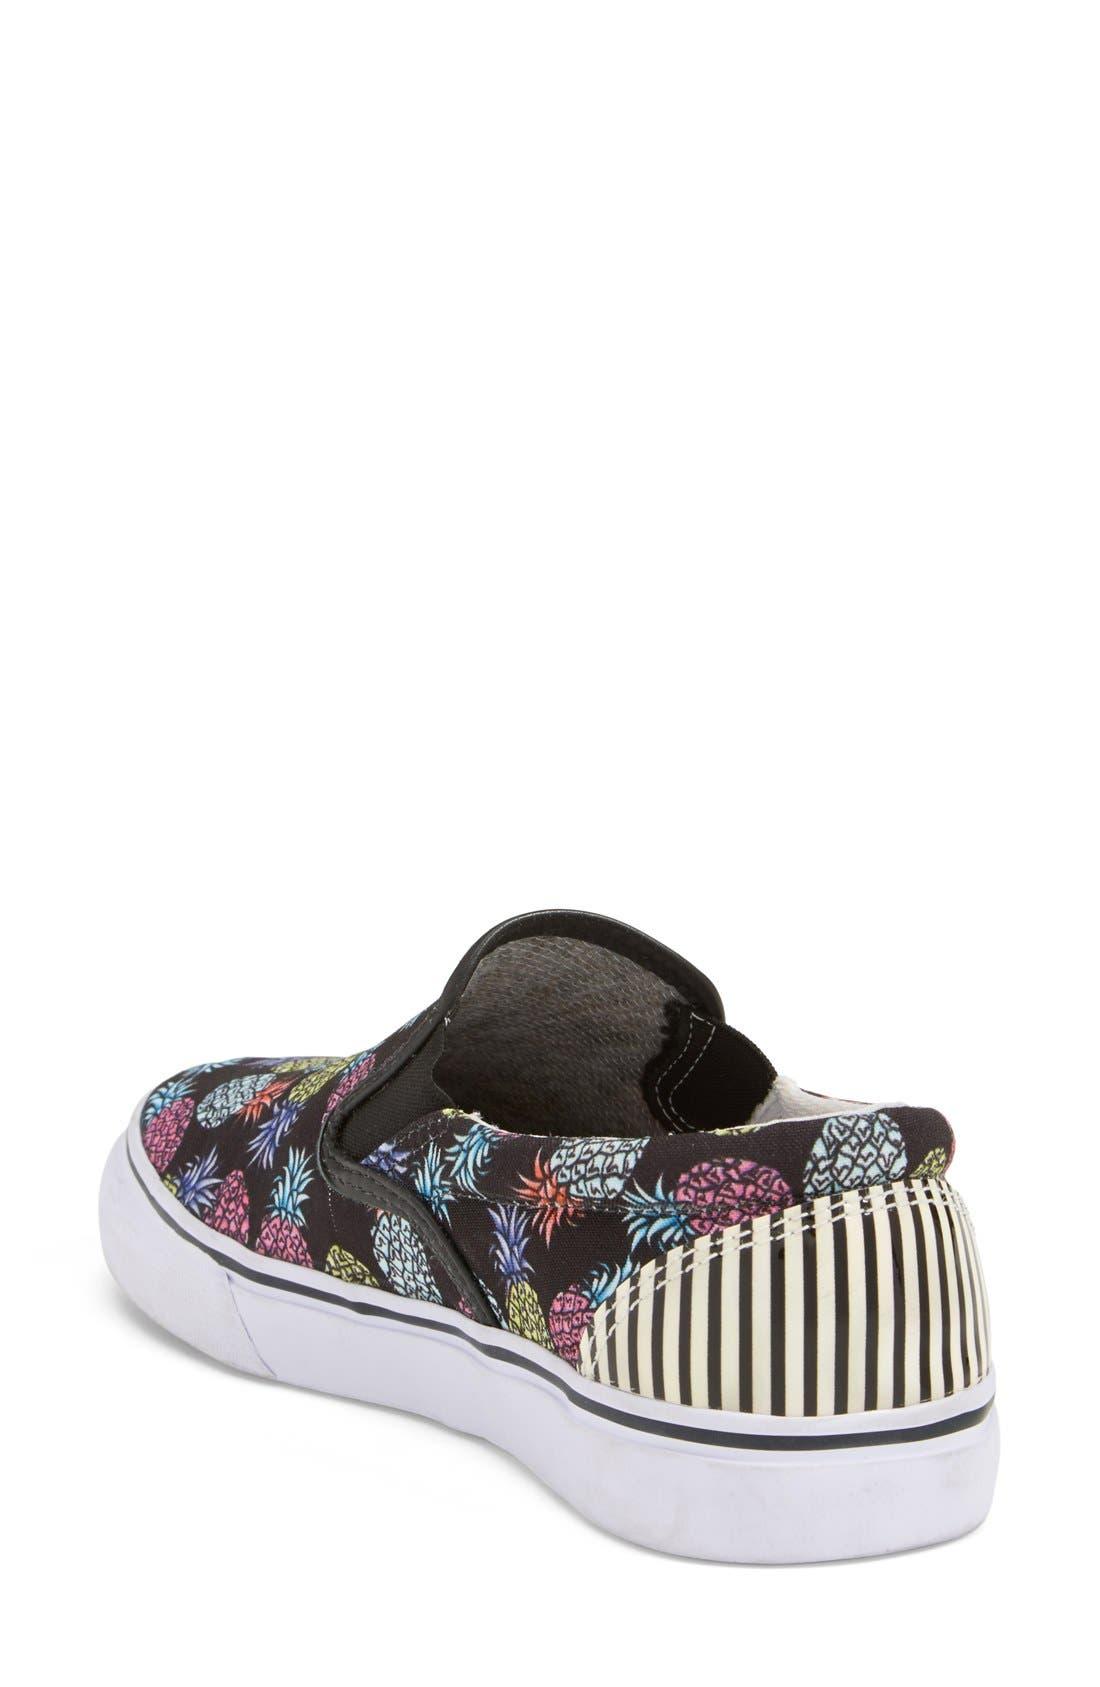 'Adele - Pineapple' Satin Slip-On Sneaker,                             Alternate thumbnail 3, color,                             001